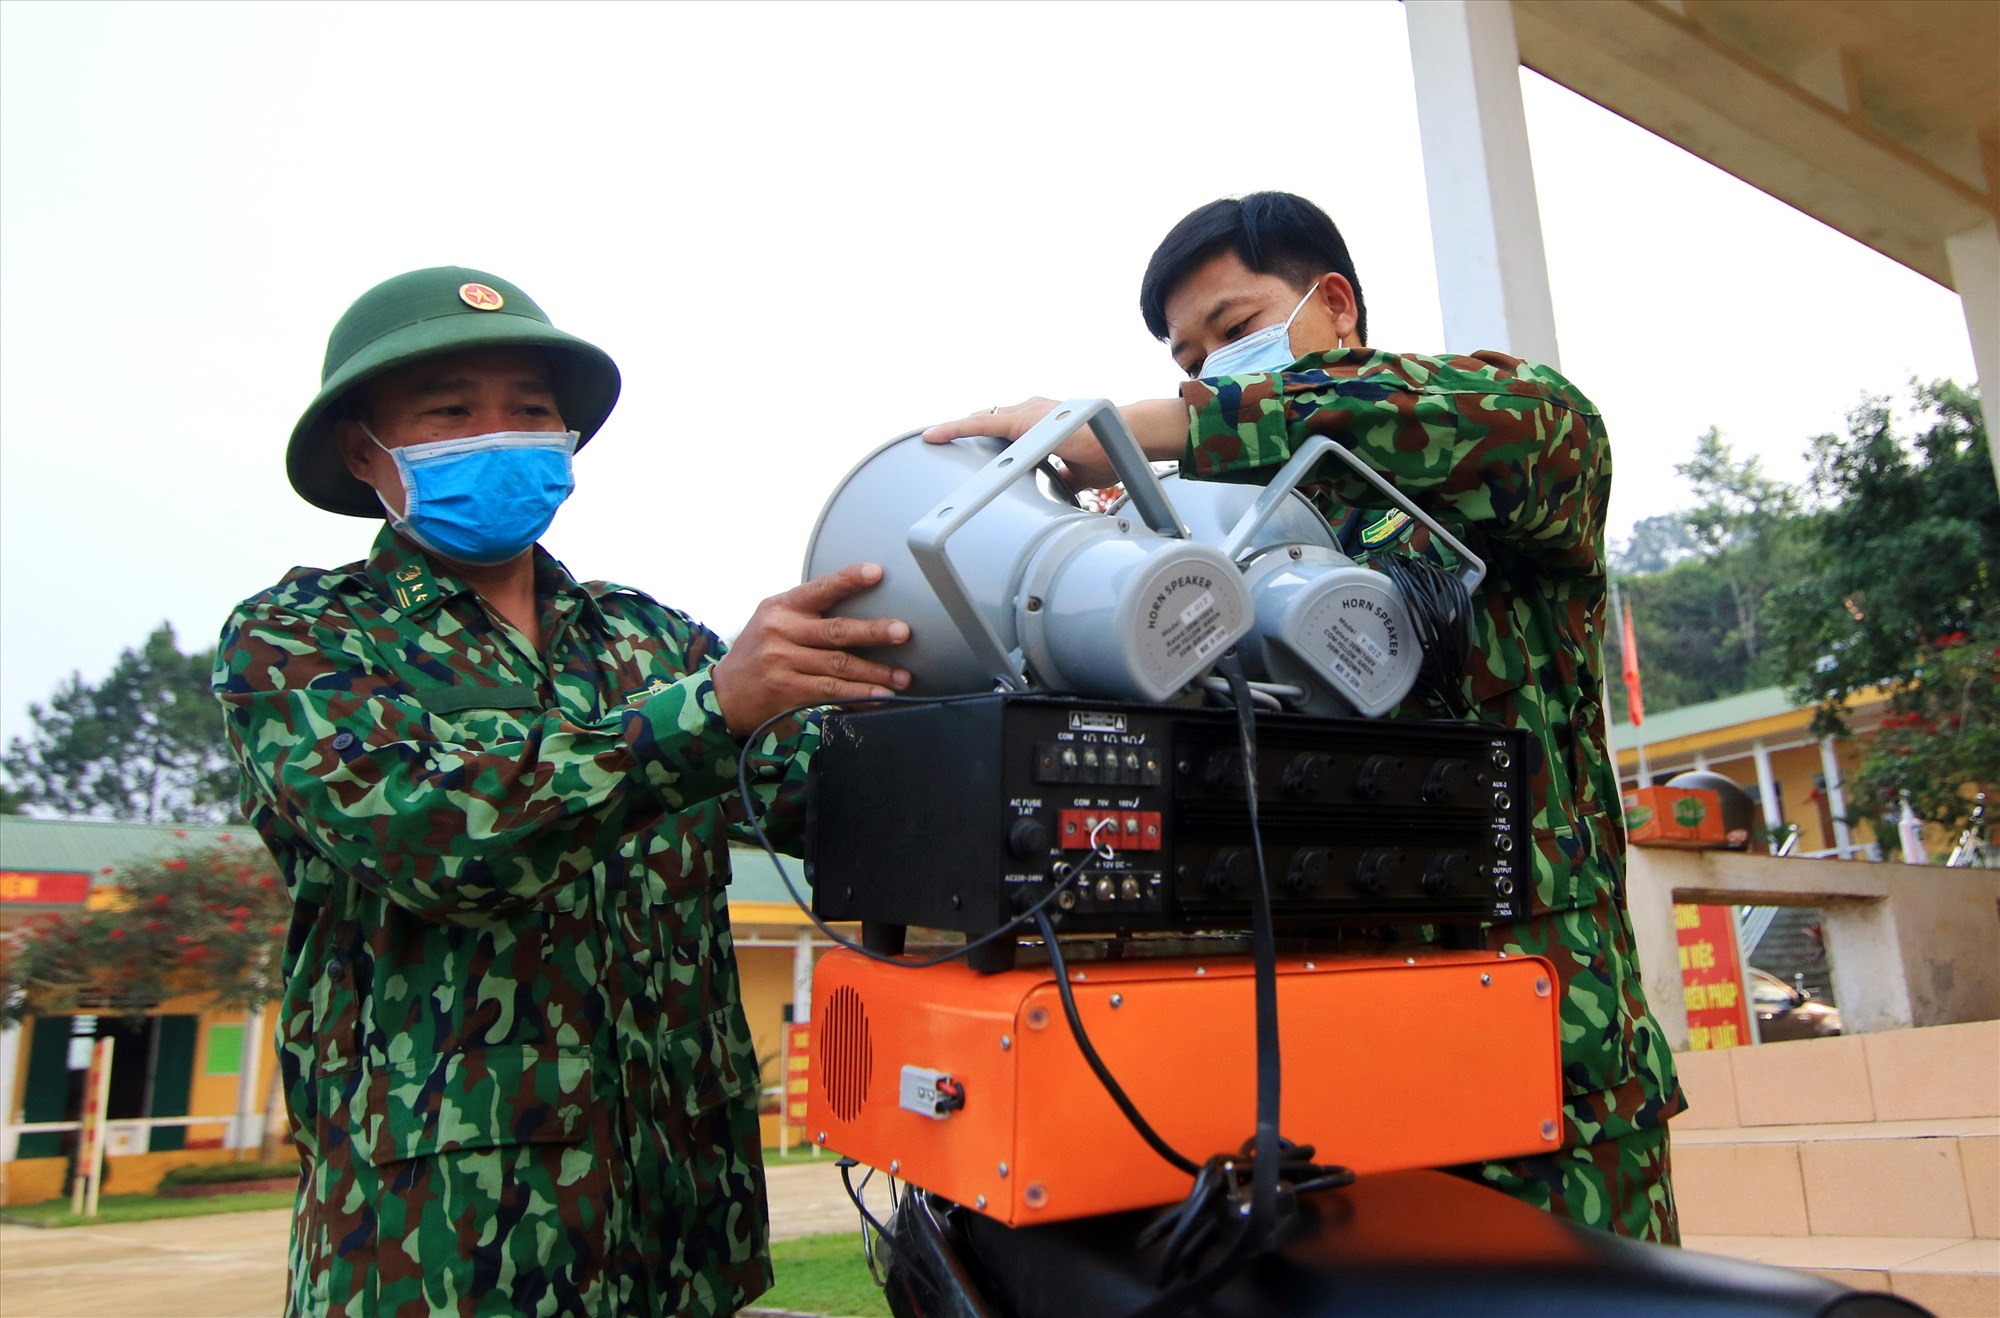 Cán bộ, chiến sĩ Đồn Biên phòng Ga Ry tổ chức tuyên truyền lưu động phòng chống dịch Covid-19 cho đồng bào biên giới. Ảnh: ALĂNG NGƯỚC